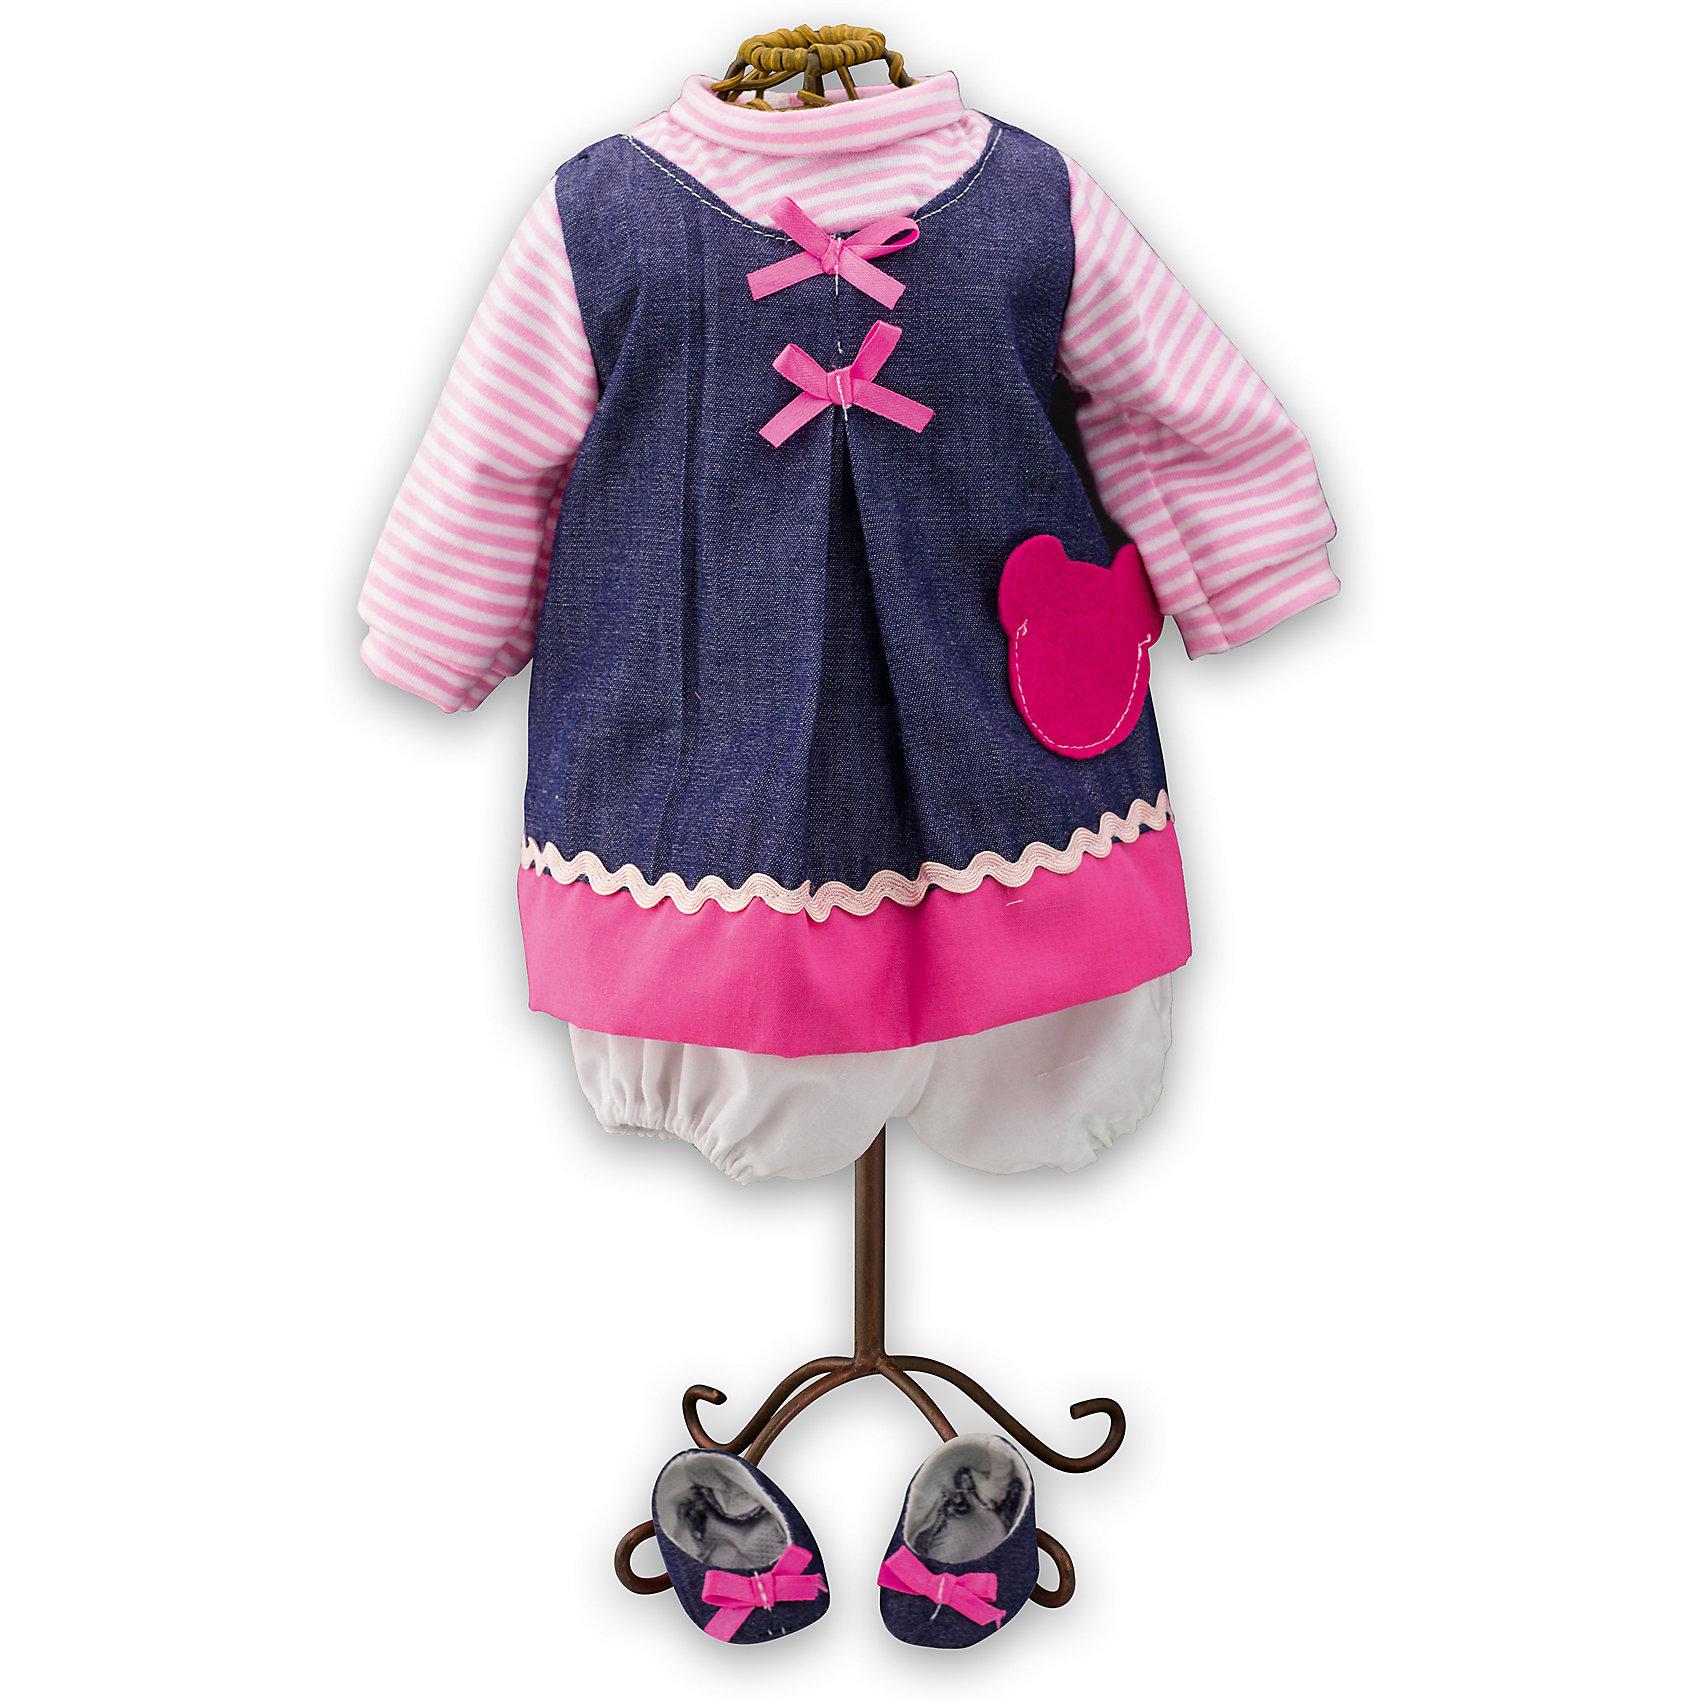 Одежда для куклы девочки Baby Pink, Loko ToysОдежда для кукол<br>Характеристики товара:<br><br>• возраст: от 10 месяцев;<br>• материал: текстиль;<br>• в комплекте: платье, туфли;<br>• размер упаковки: 38х25х2,5 см;<br>• вес упаковки: 225 гр.;<br>• страна производитель: Китай.<br><br>Одежда для куклы-девочки «Baby Pink» Loko Toys — дополнительный комплект одежды для куклы, который дополнит ее гардероб. Комплект состоит из яркого платья с кармашком и джинсовых туфелек. Вся одежда выполнена из качественных материалов.<br><br>Одежду для куклы-девочки «Baby Pink» Loko Toys можно приобрести в нашем интернет-магазине.<br><br>Ширина мм: 250<br>Глубина мм: 55<br>Высота мм: 380<br>Вес г: 225<br>Возраст от месяцев: 10<br>Возраст до месяцев: 2147483647<br>Пол: Женский<br>Возраст: Детский<br>SKU: 6759075